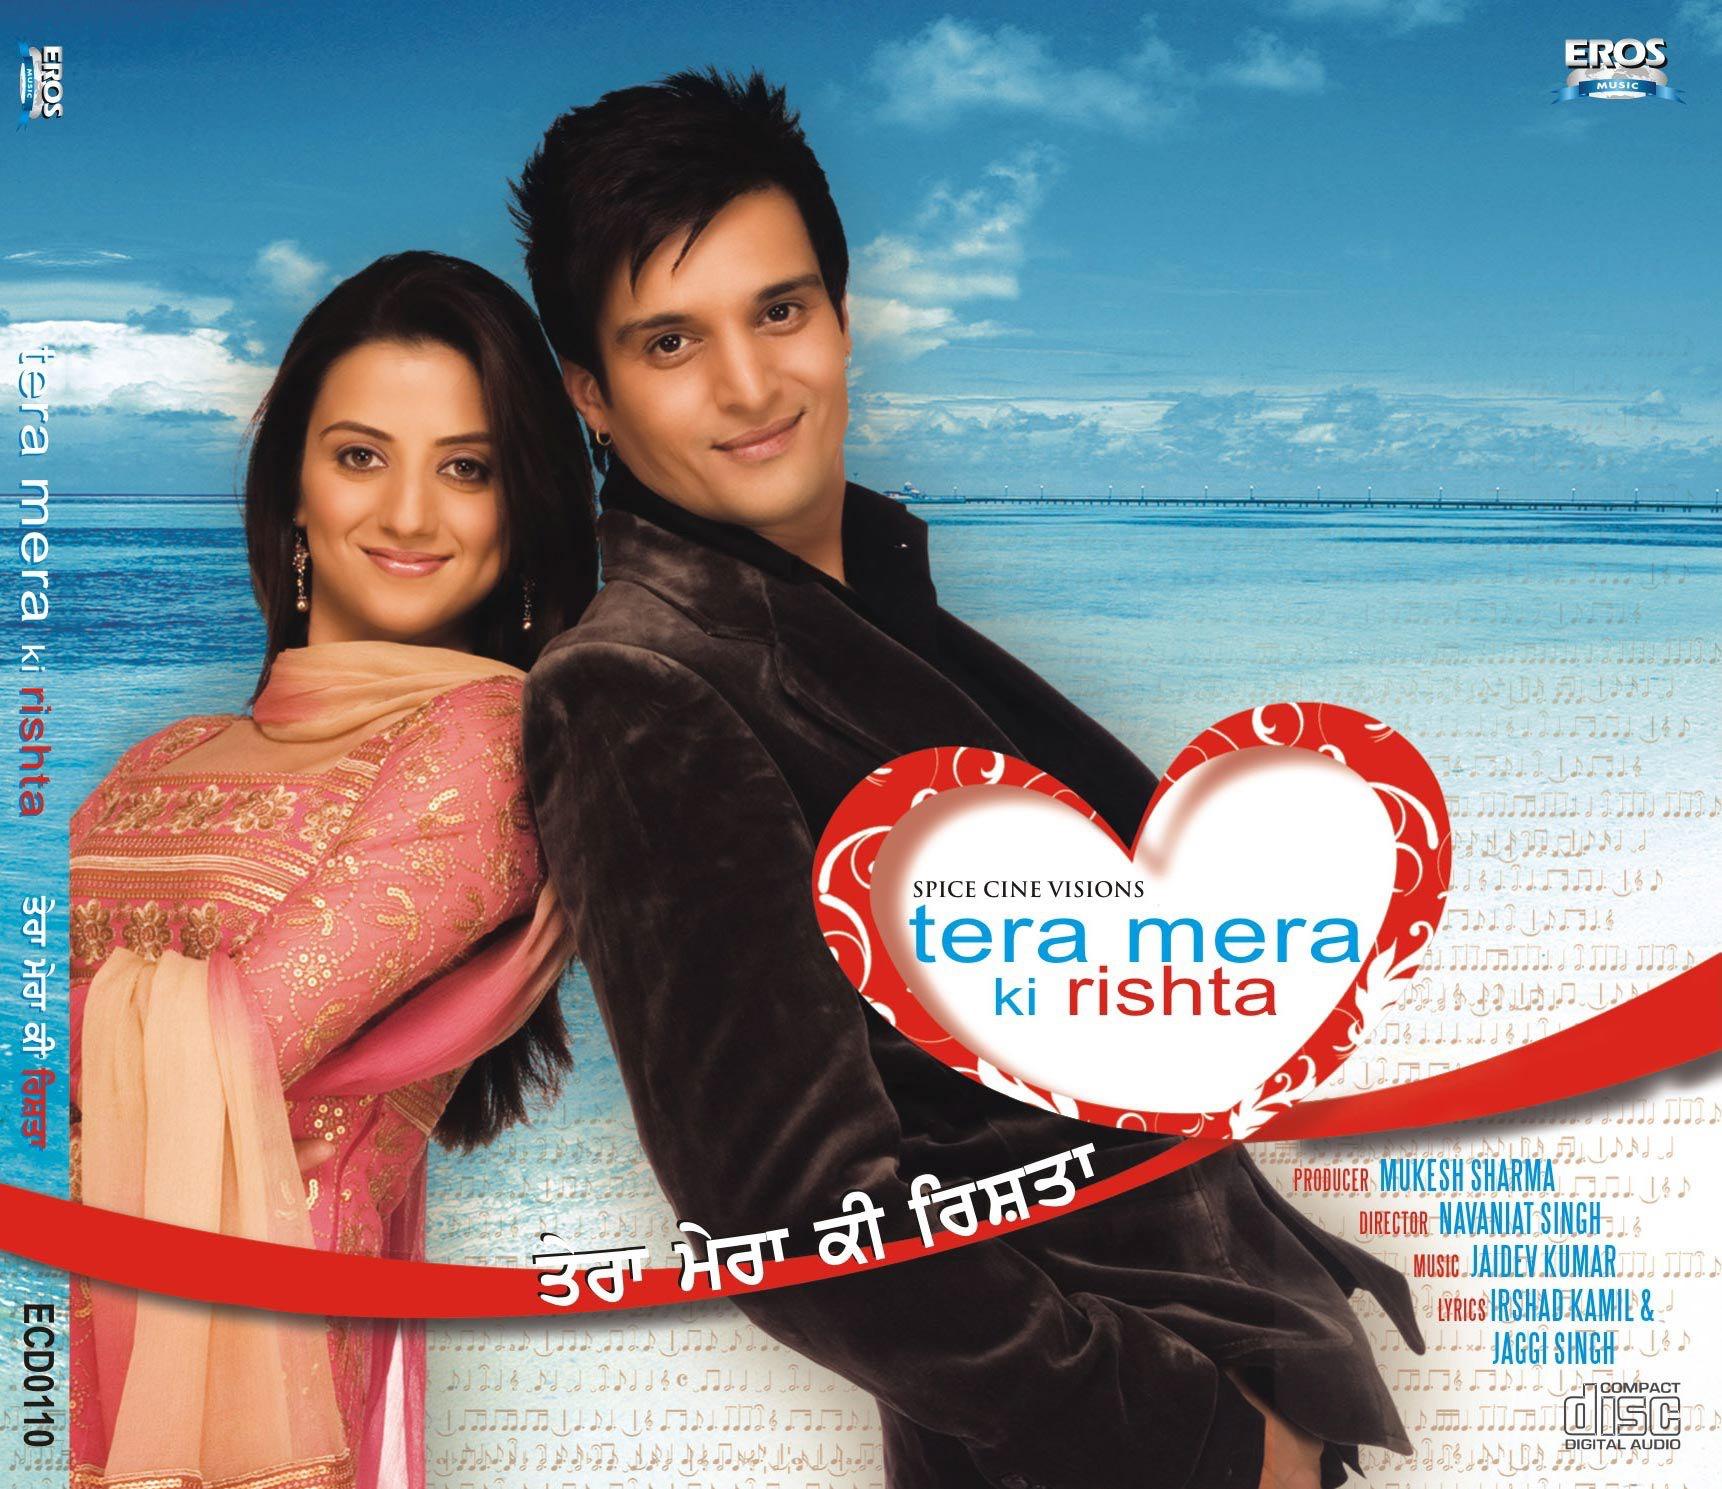 Tera Mera Pyar Album Download Songs.Pk